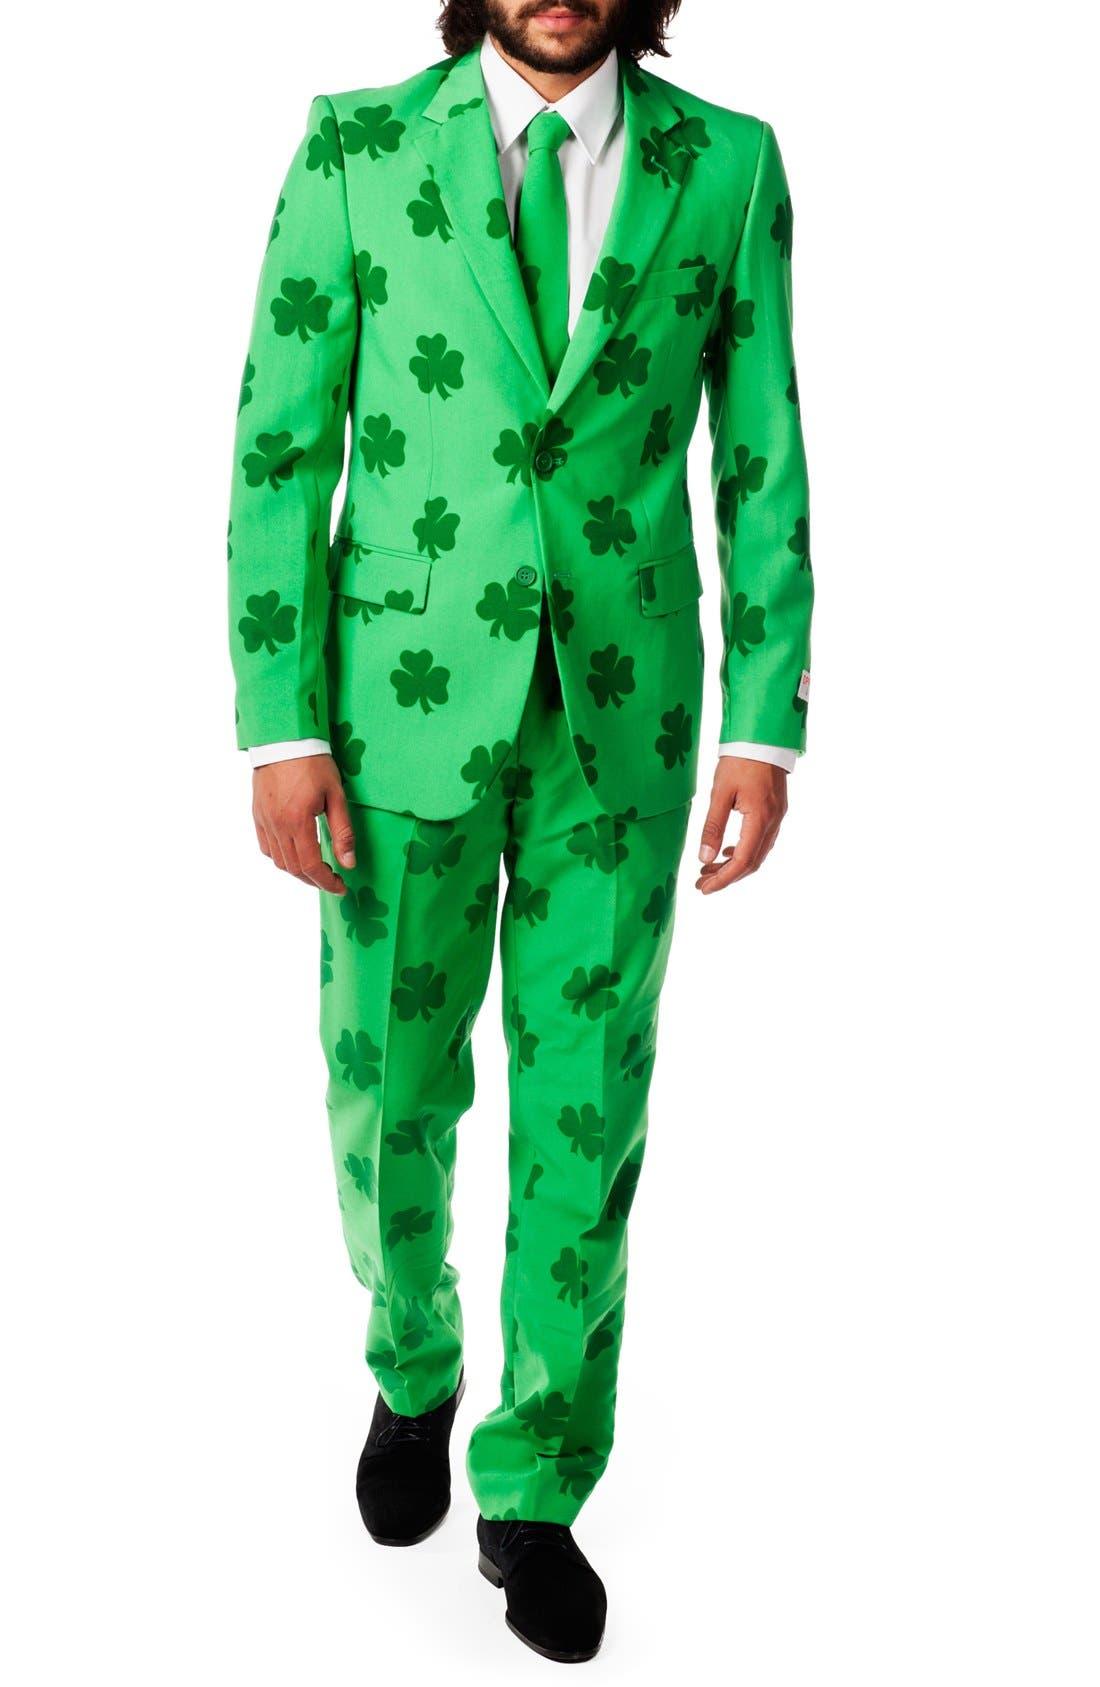 'Patrick' Trim Fit Two-Piece Suit with Tie,                             Main thumbnail 1, color,                             320